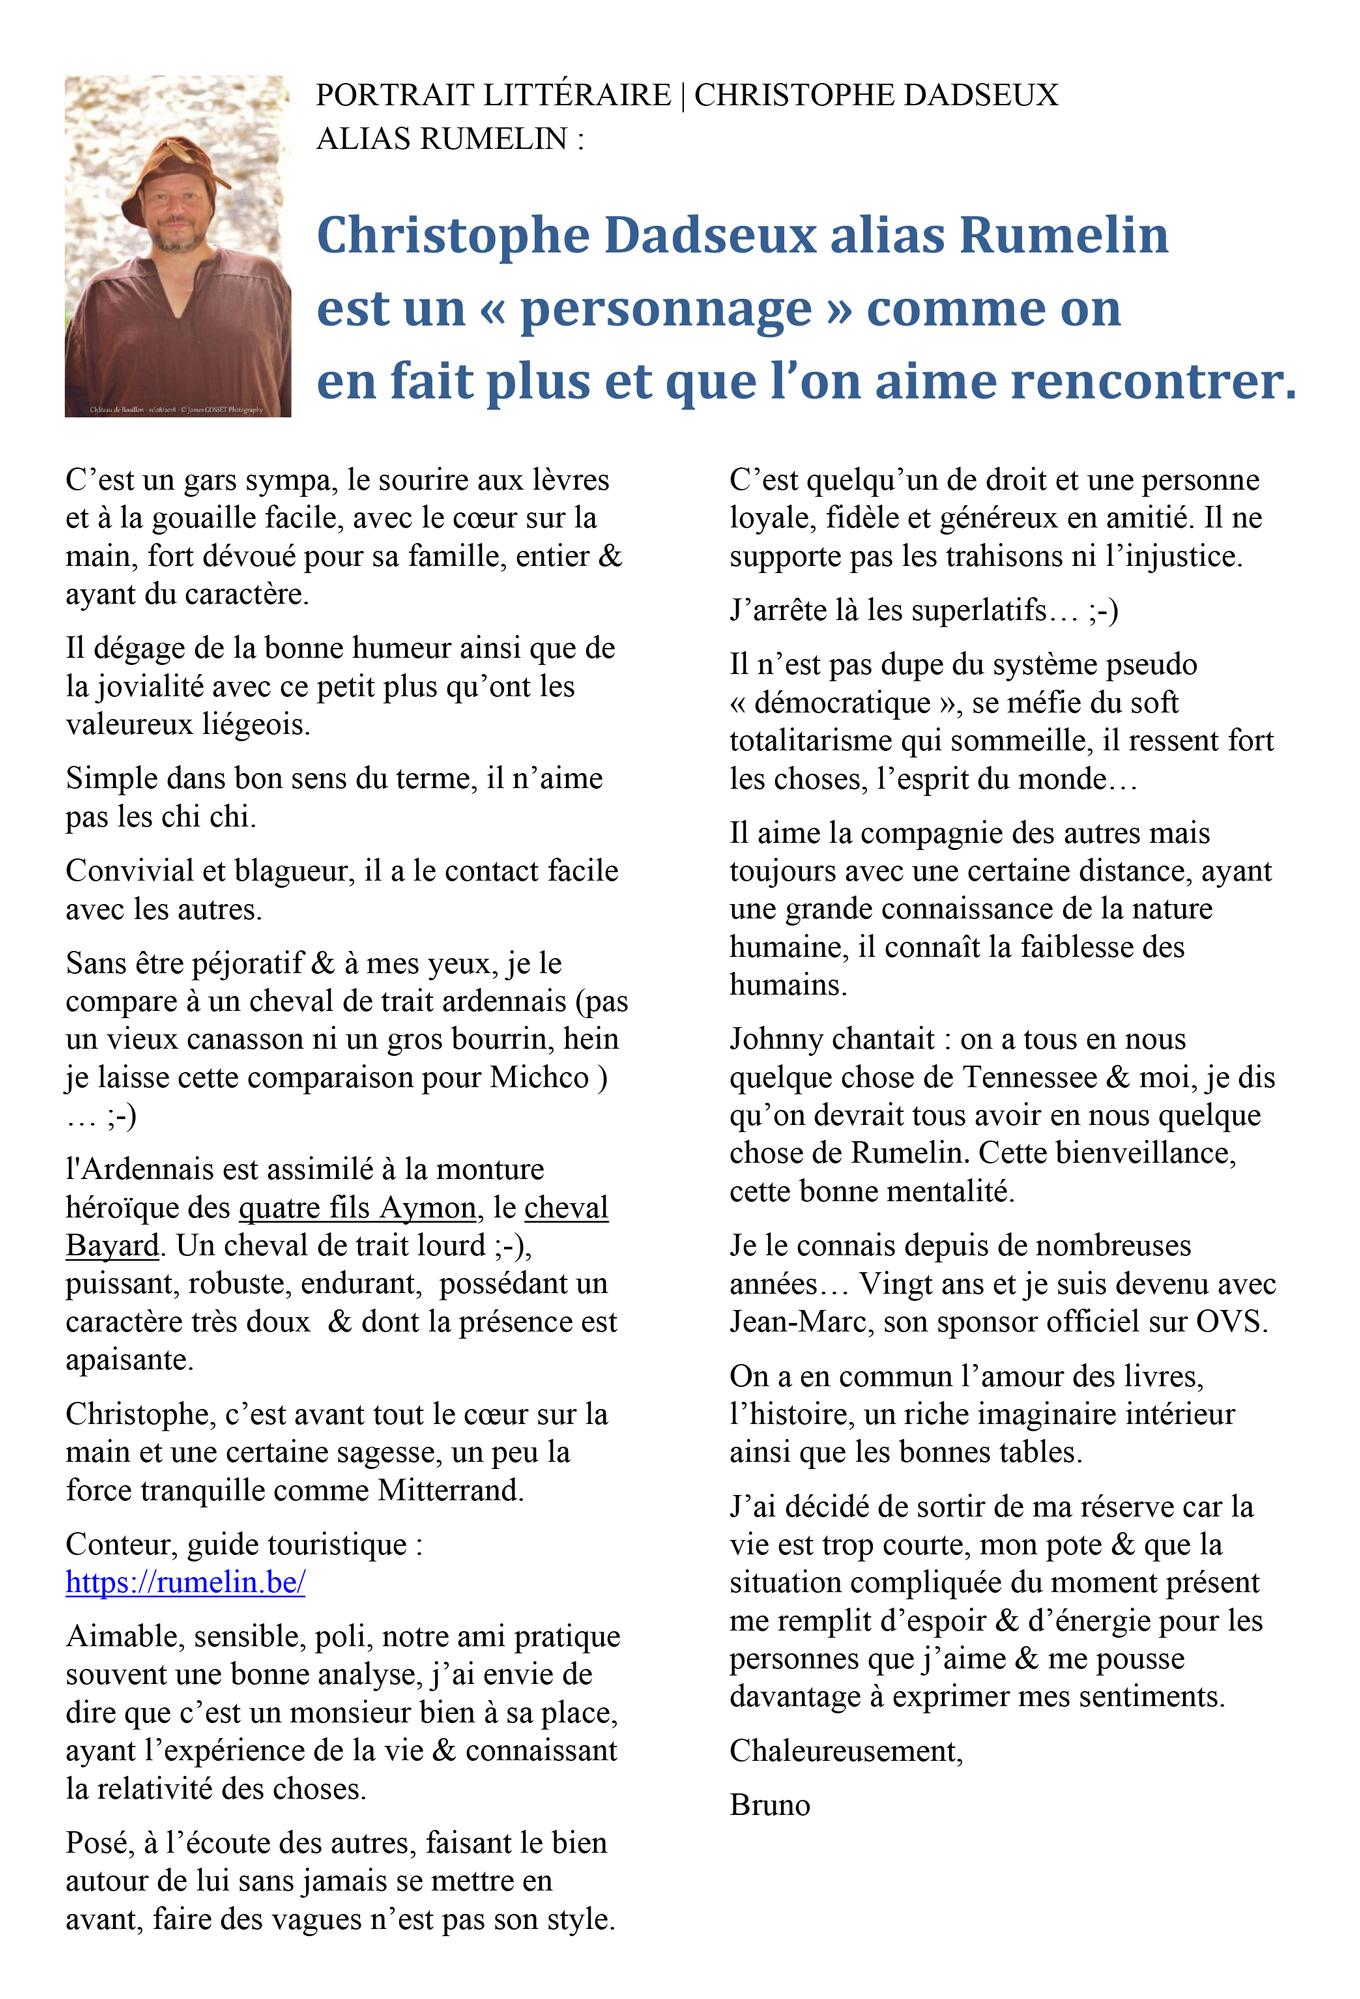 Portrait-litteraire-de-Christophe-Dadseux-Rumelin